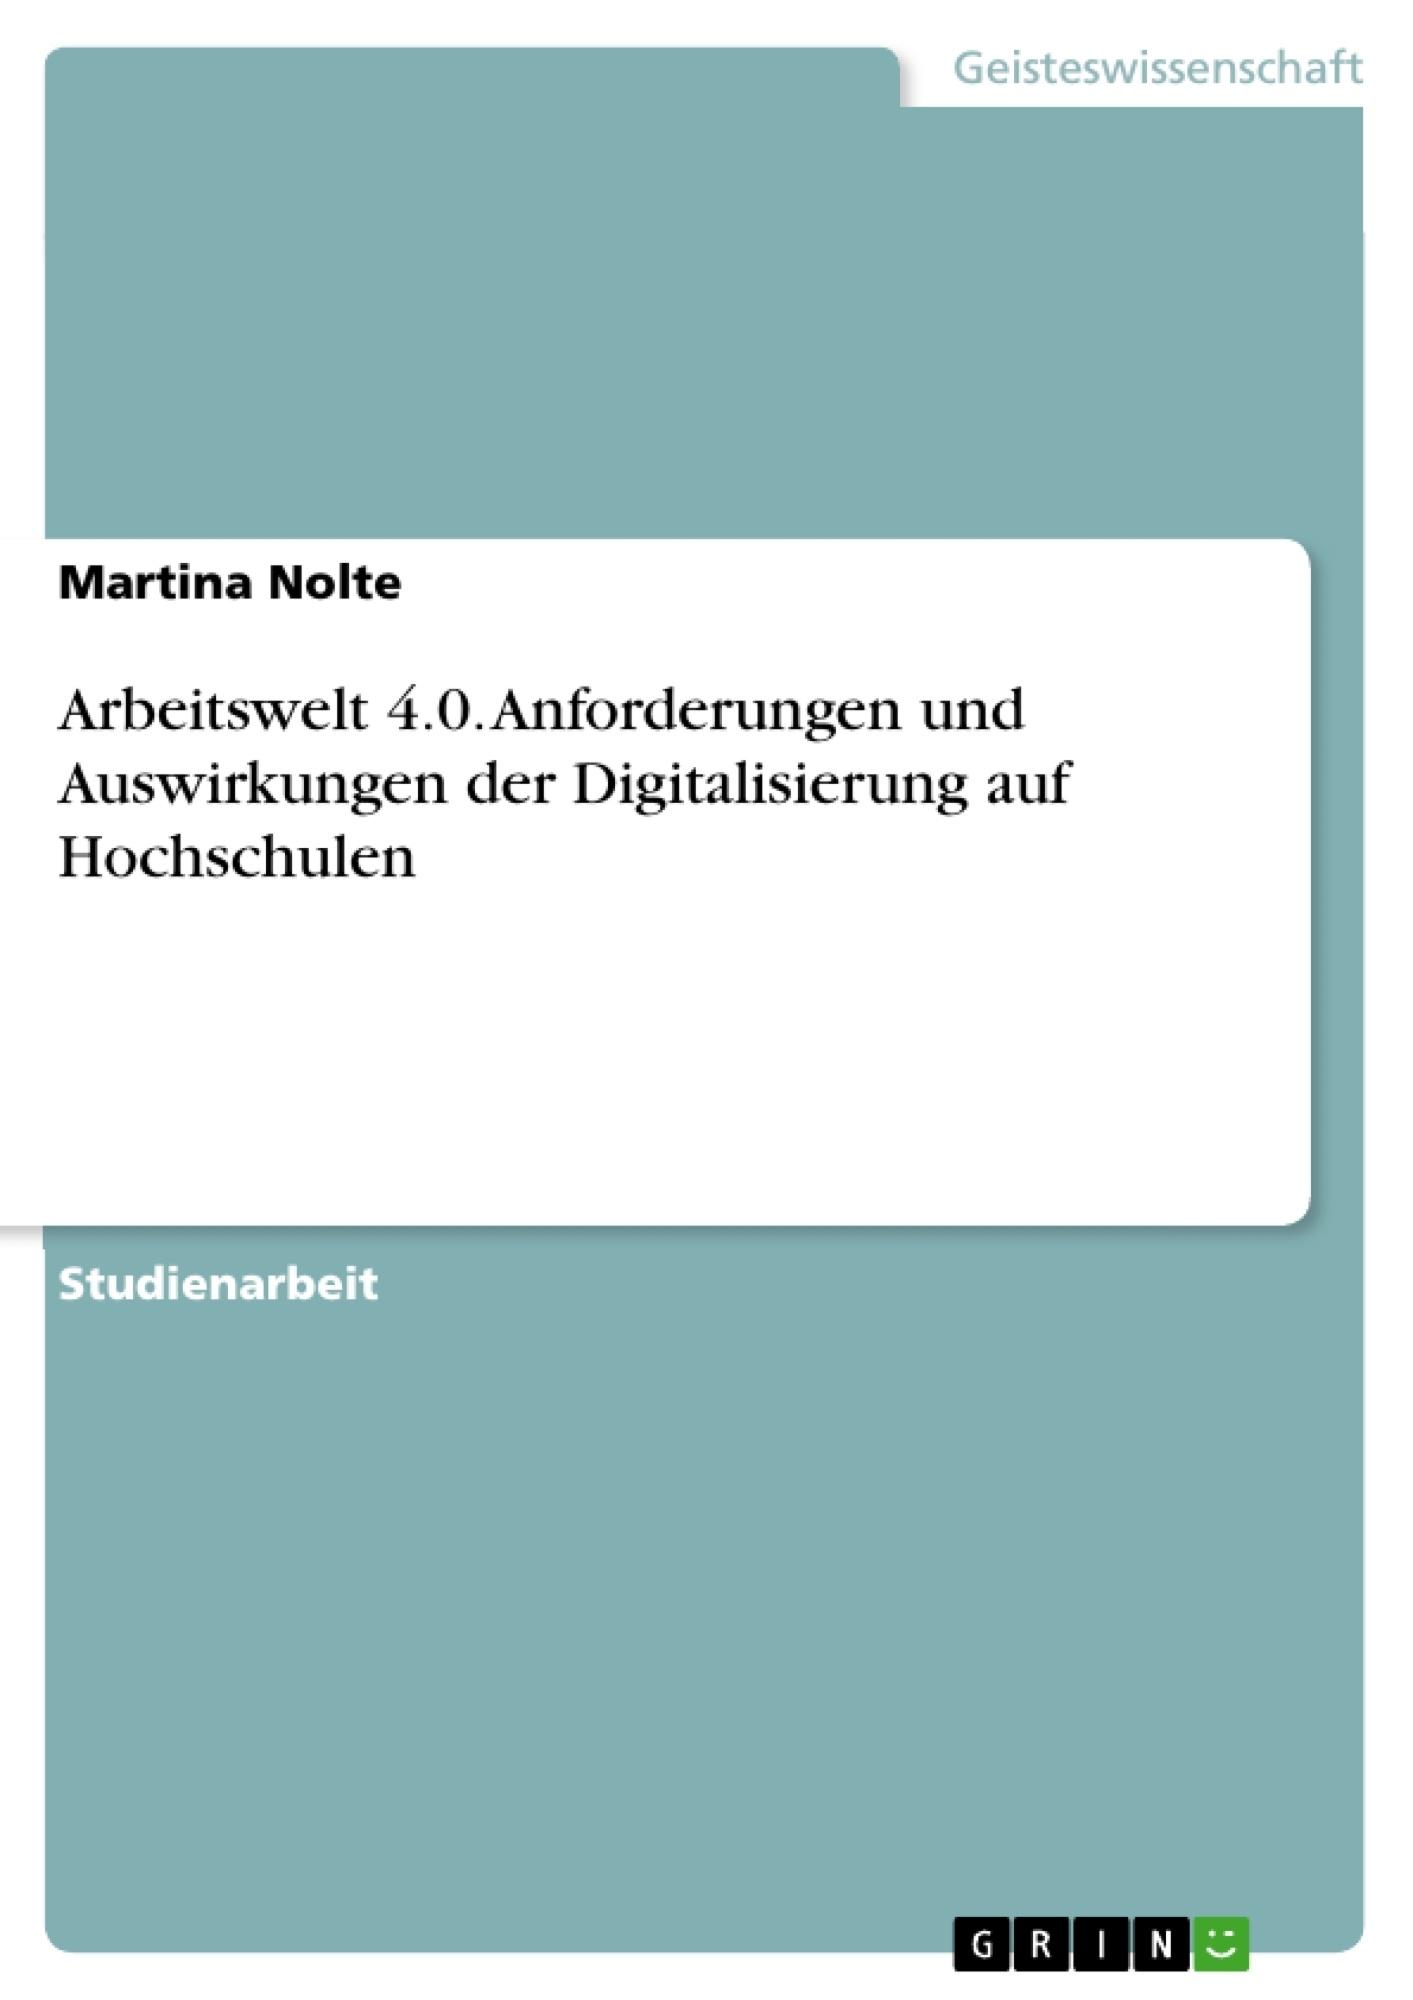 Titel: Arbeitswelt 4.0. Anforderungen und Auswirkungen der Digitalisierung auf Hochschulen